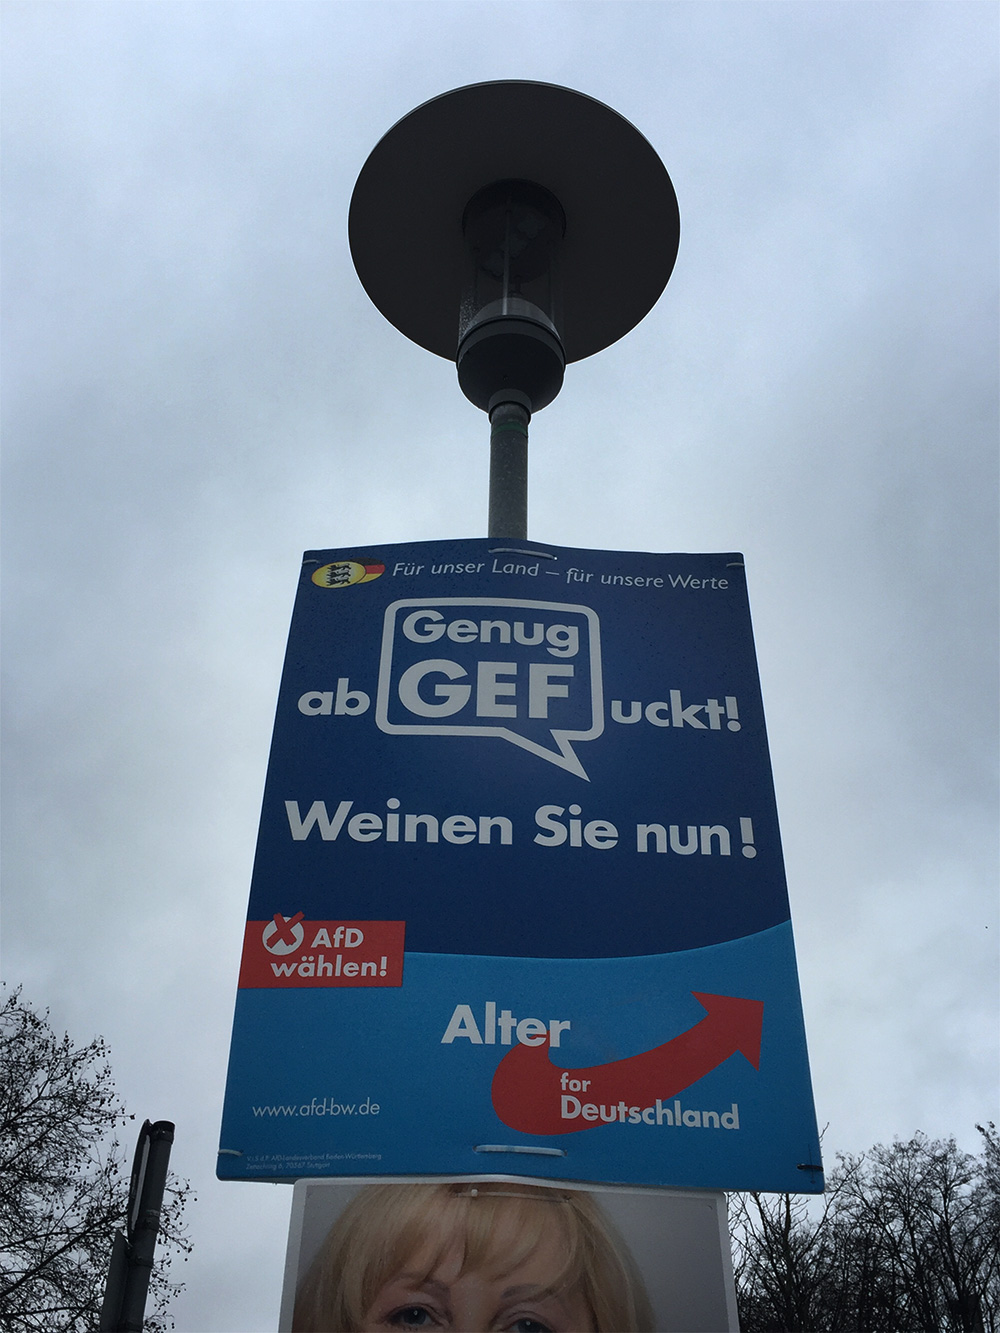 afd genug abgefuckt genug abgezockt wahlplakat landtagswahl baden-württemberg 2016